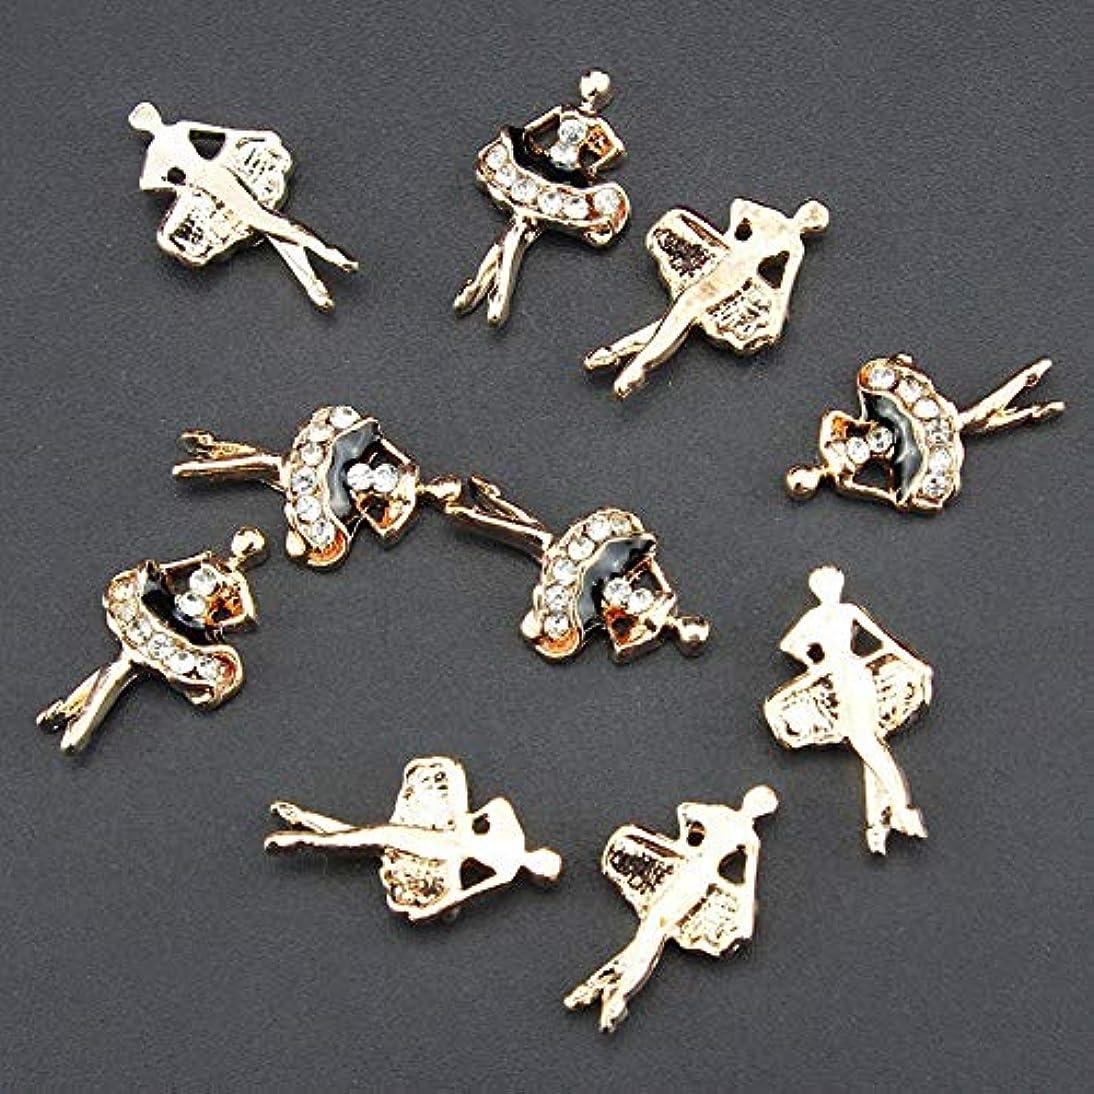 平日兄弟愛ジャズネイルズデザインジュエリーのためのチャームゴールド合金バレエダンサー3Dネイルアートの10pcs / lotのクリスタルラインストーンの装飾